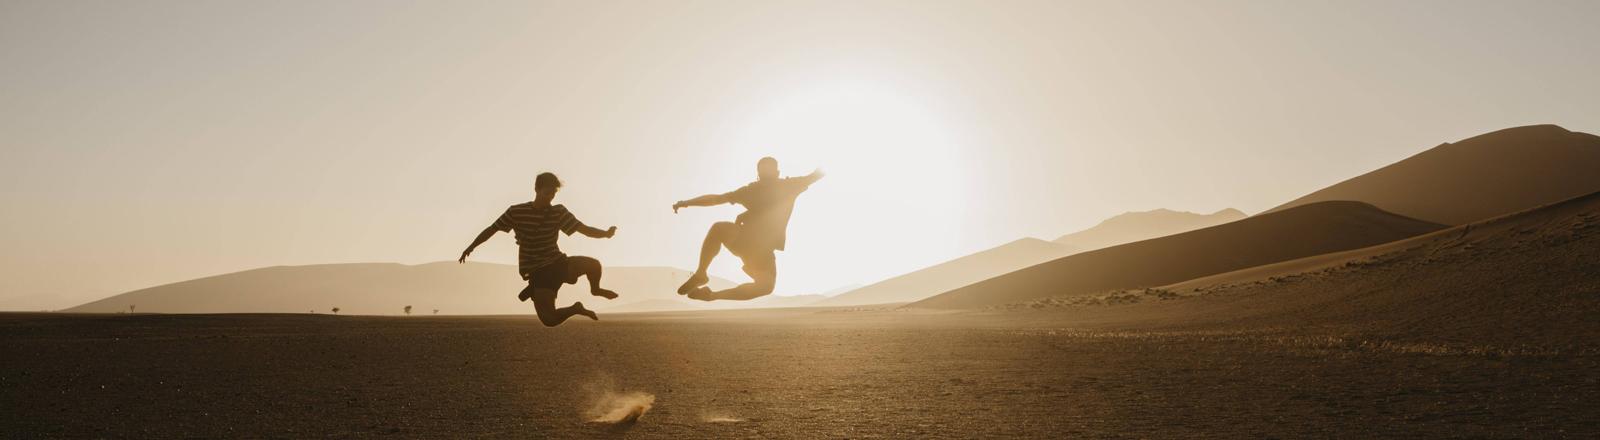 Zwei Männer springen durch die Wüste